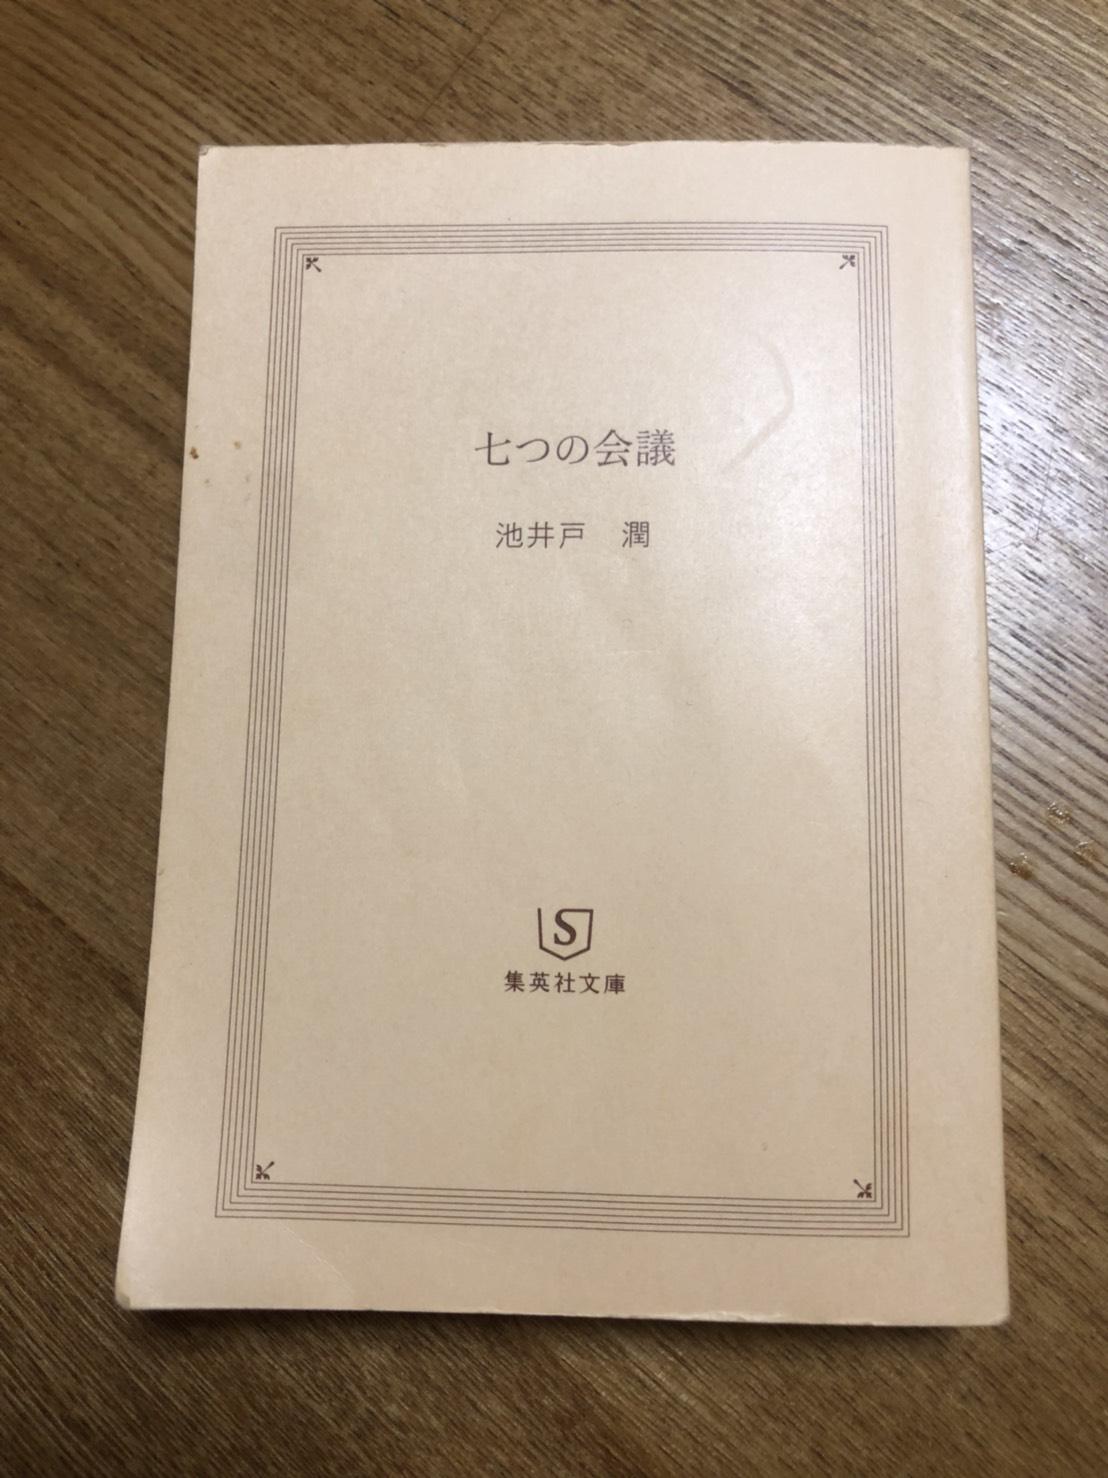 【七つの会議】池井戸潤